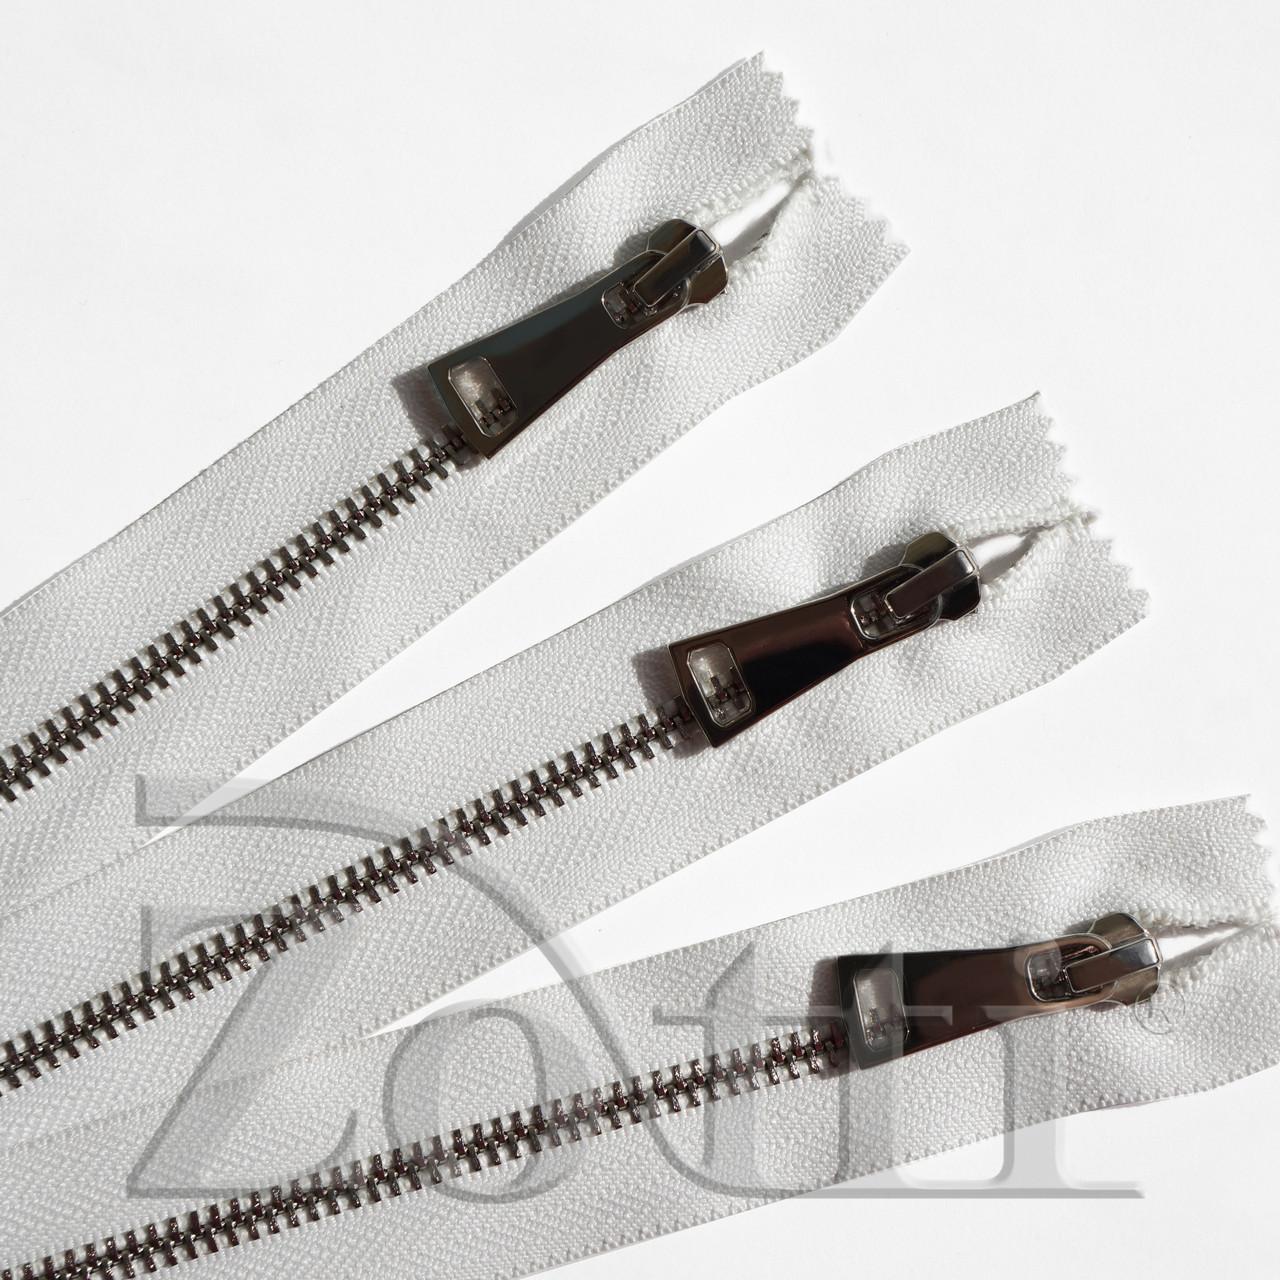 Молния (змейка,застежка) металлическая №5, размерная, обувная, белая, с серебряным бегунком № 115 - 10 см